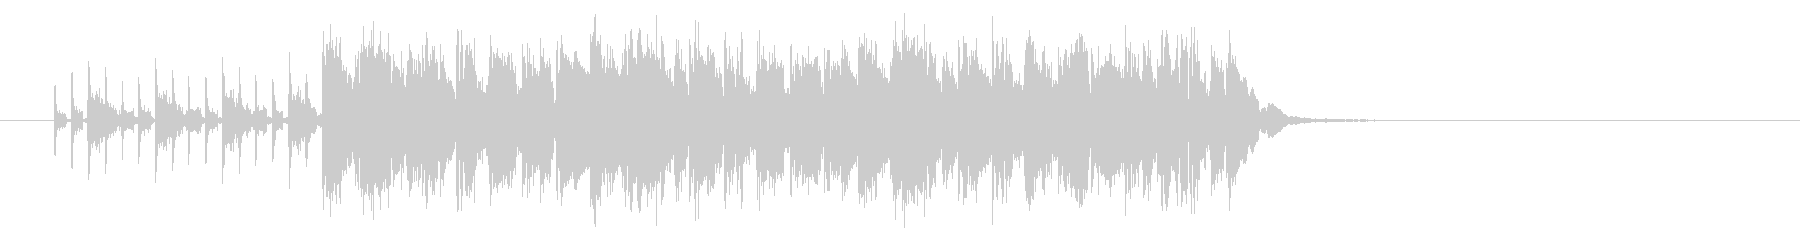 スピーディーでコミカルなポップジングルの未再生の波形